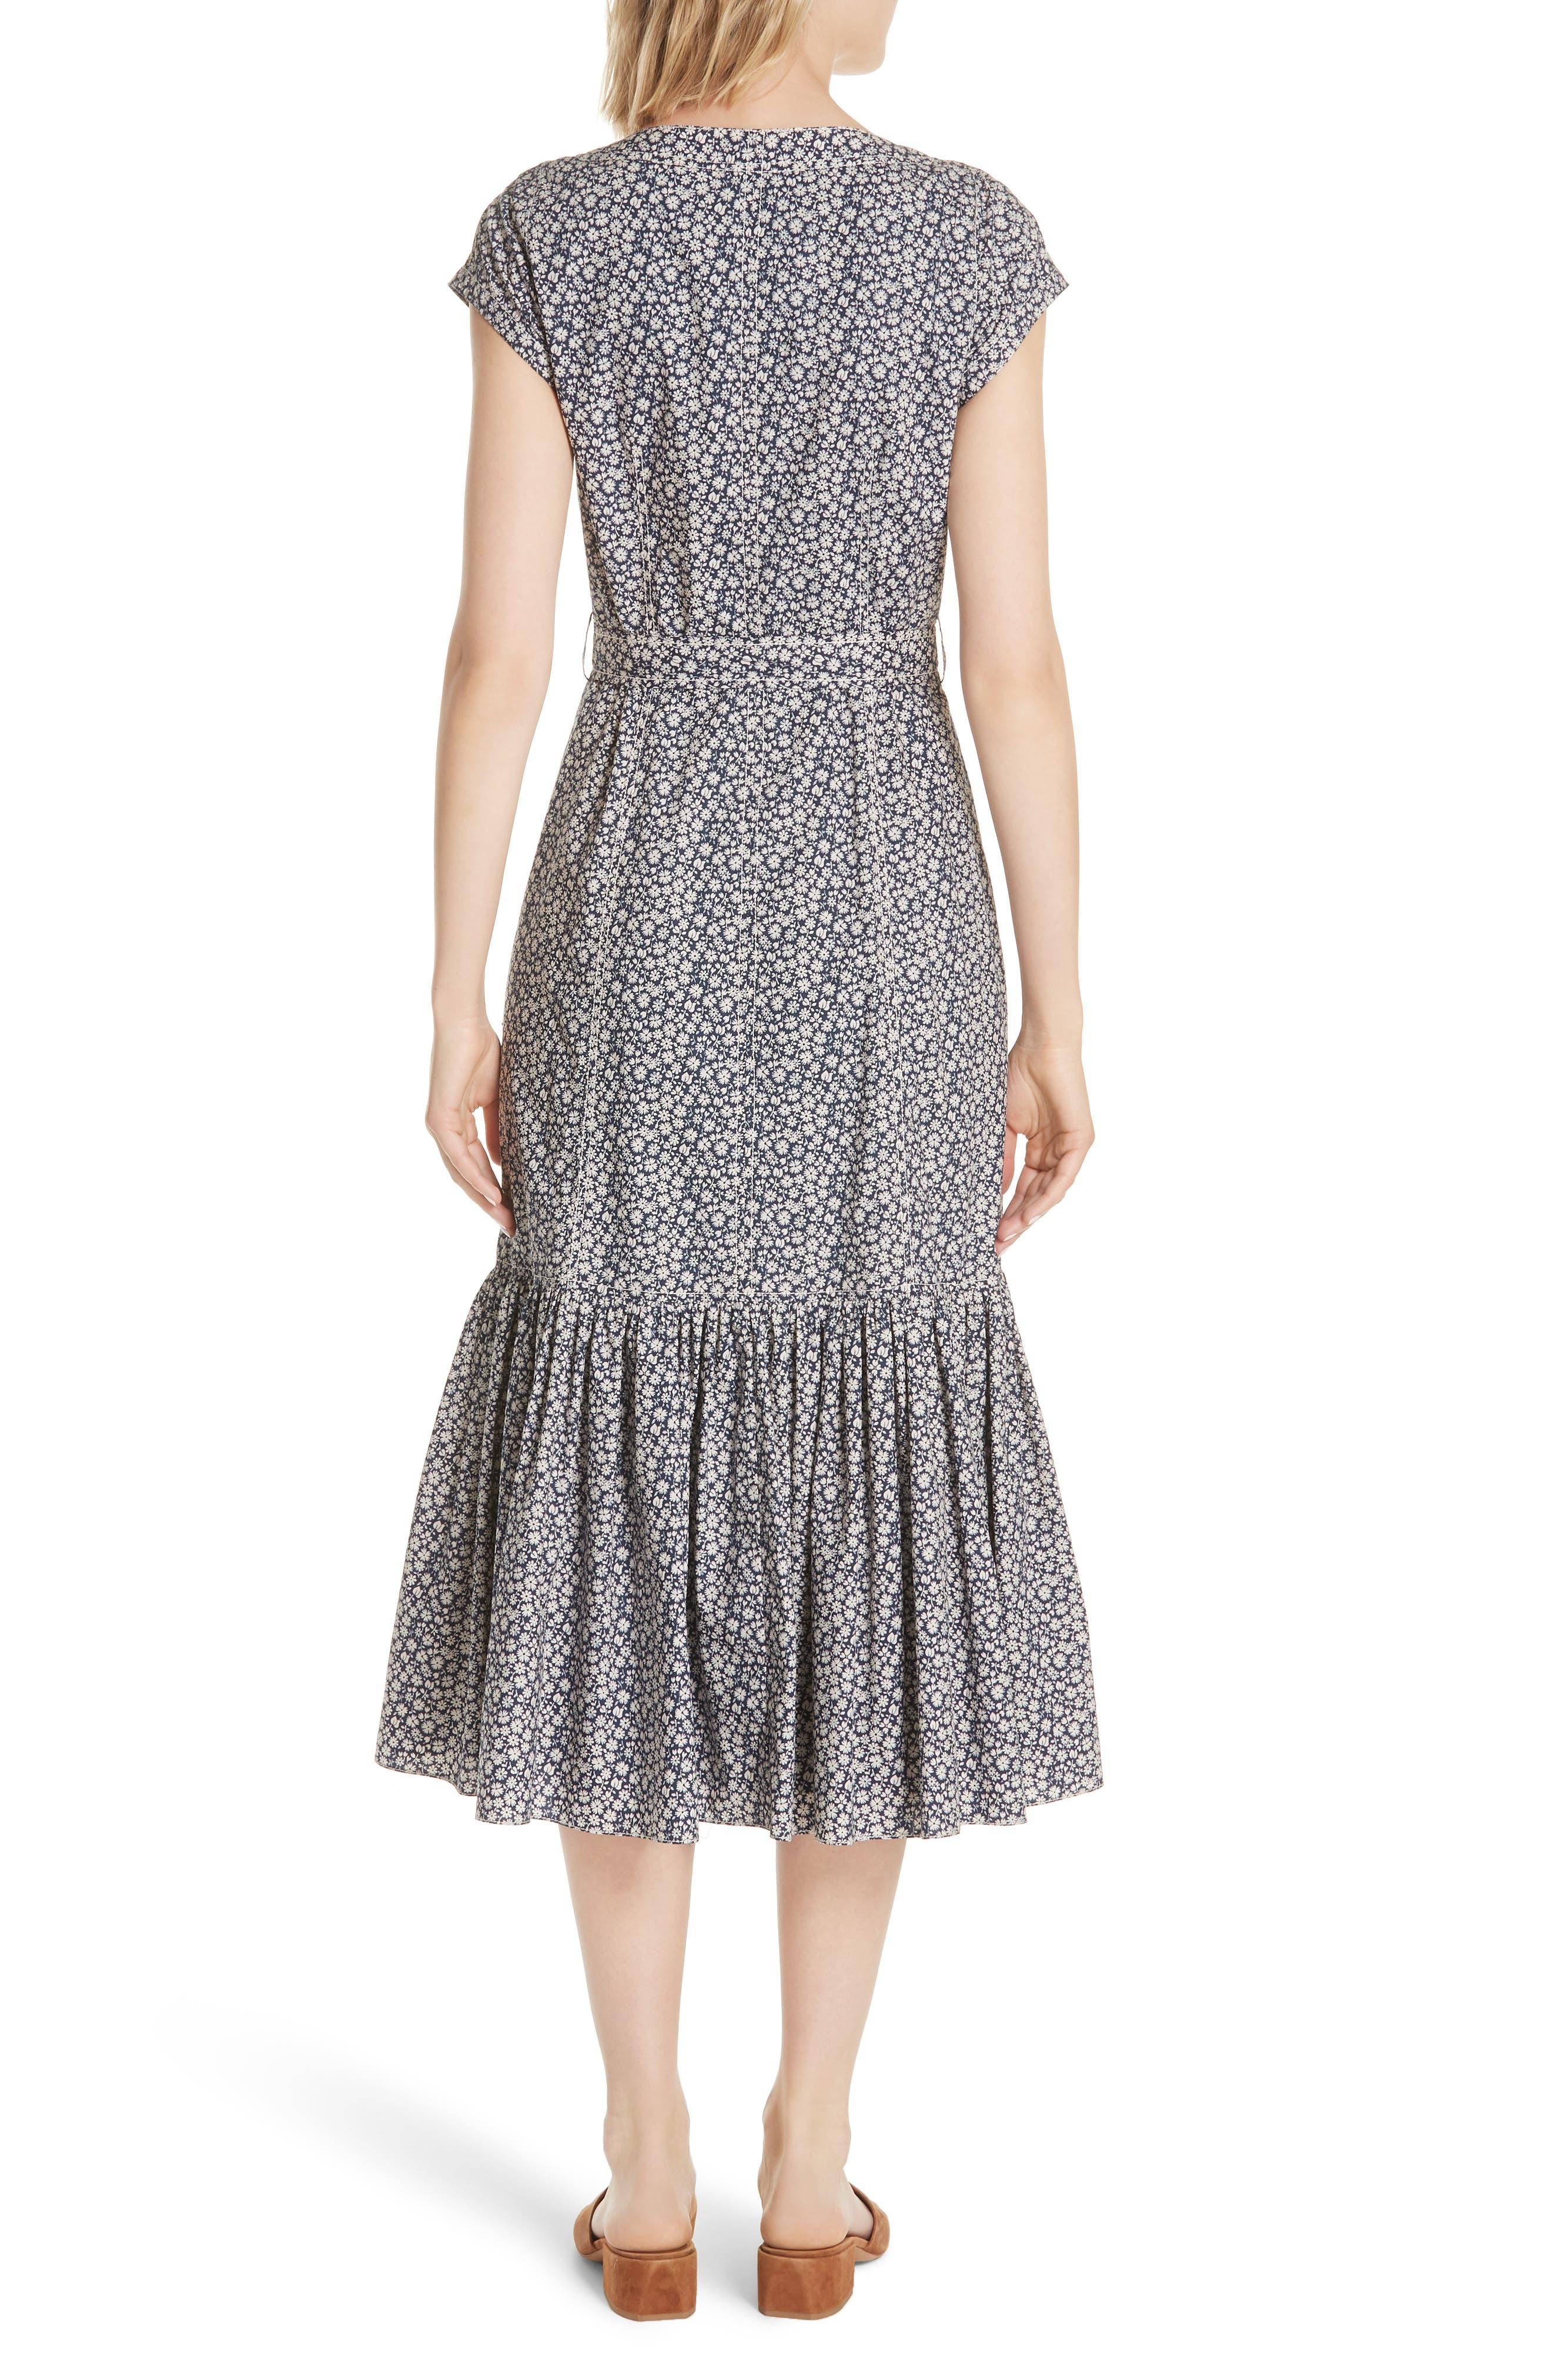 Lauren Tie Front Floral Cotton Dress,                             Alternate thumbnail 2, color,                             450